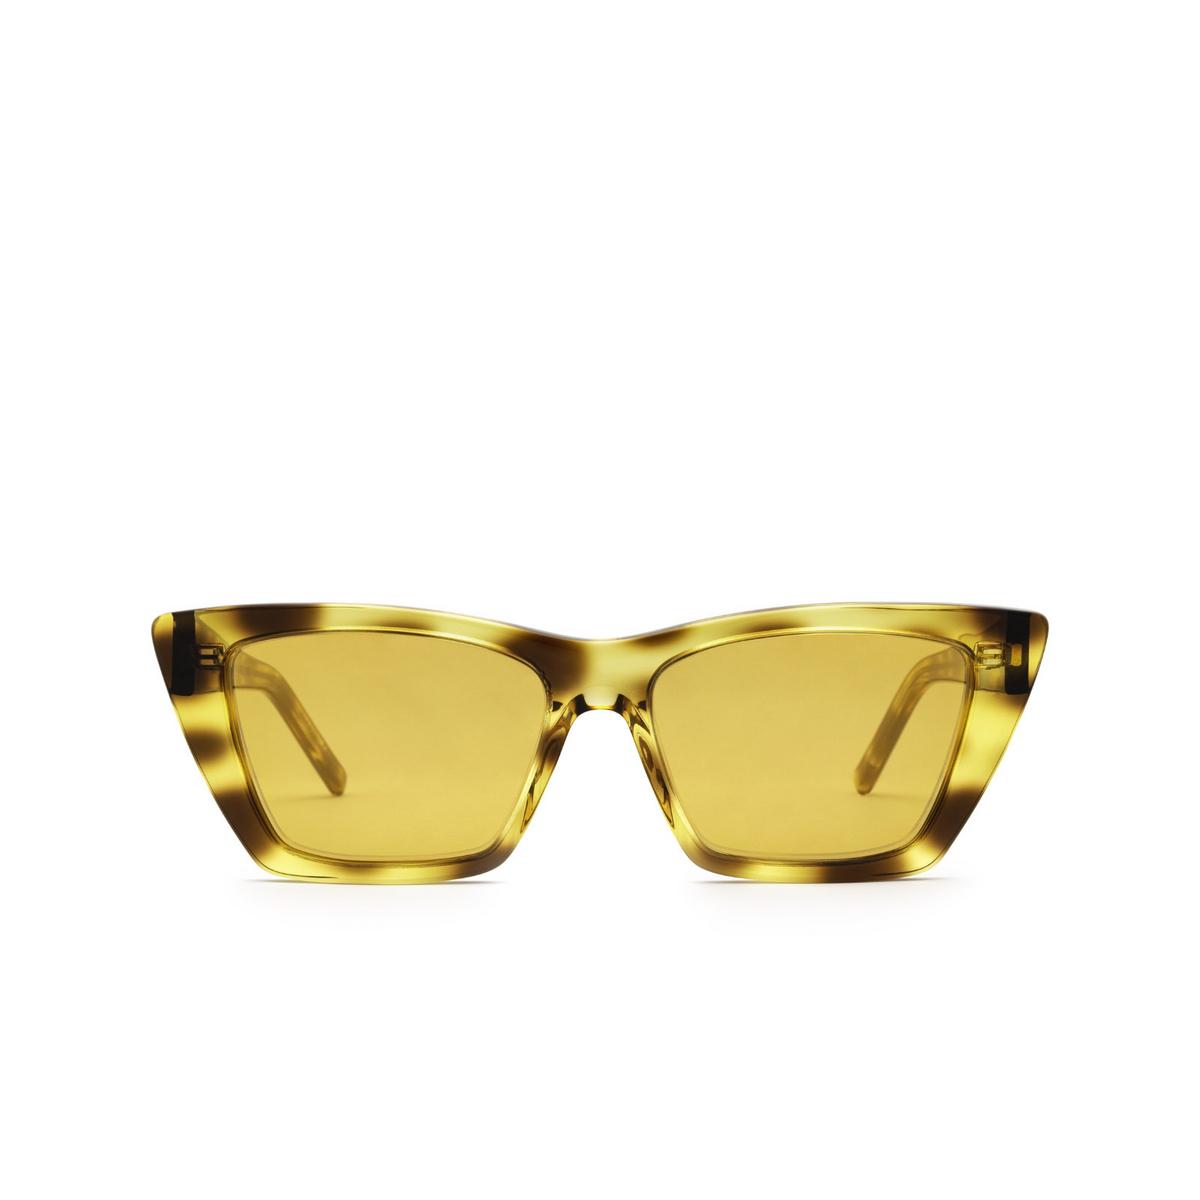 Saint Laurent® Cat-eye Sunglasses: Mica SL 276 color Havana 022 - front view.